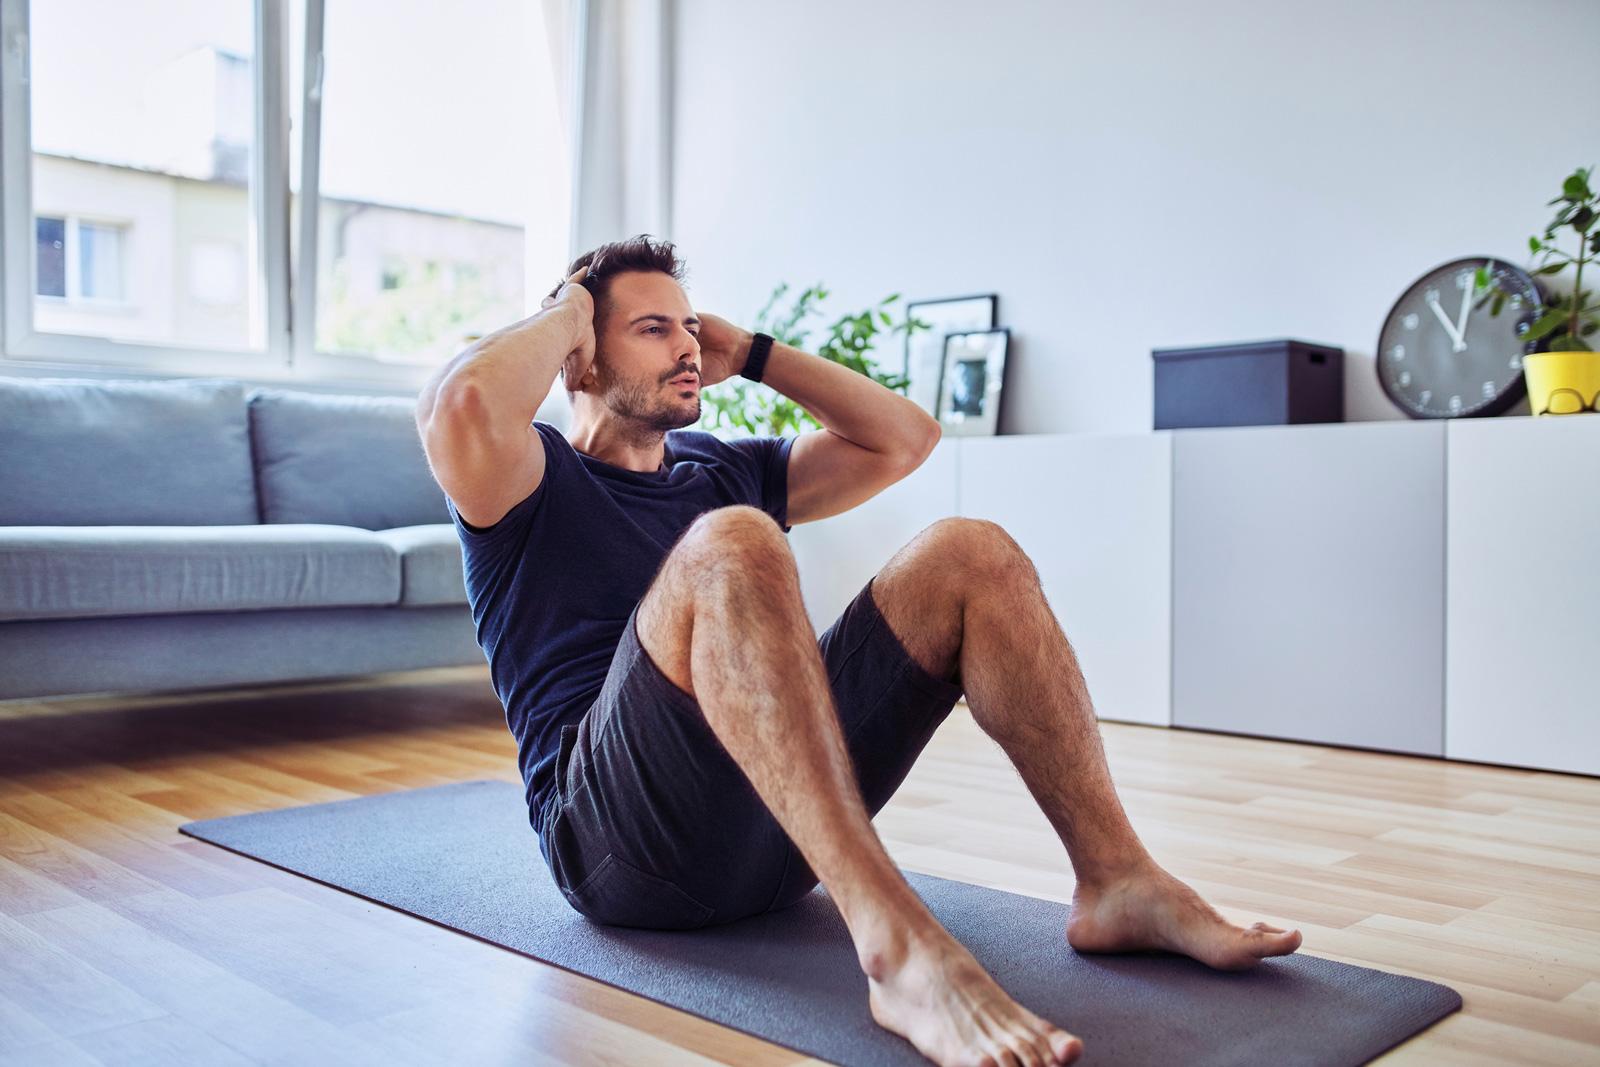 Bauchmuskel-Training: Hier ein ausgeführter Sit-up, eine ähnliche Übung zu Crunches.